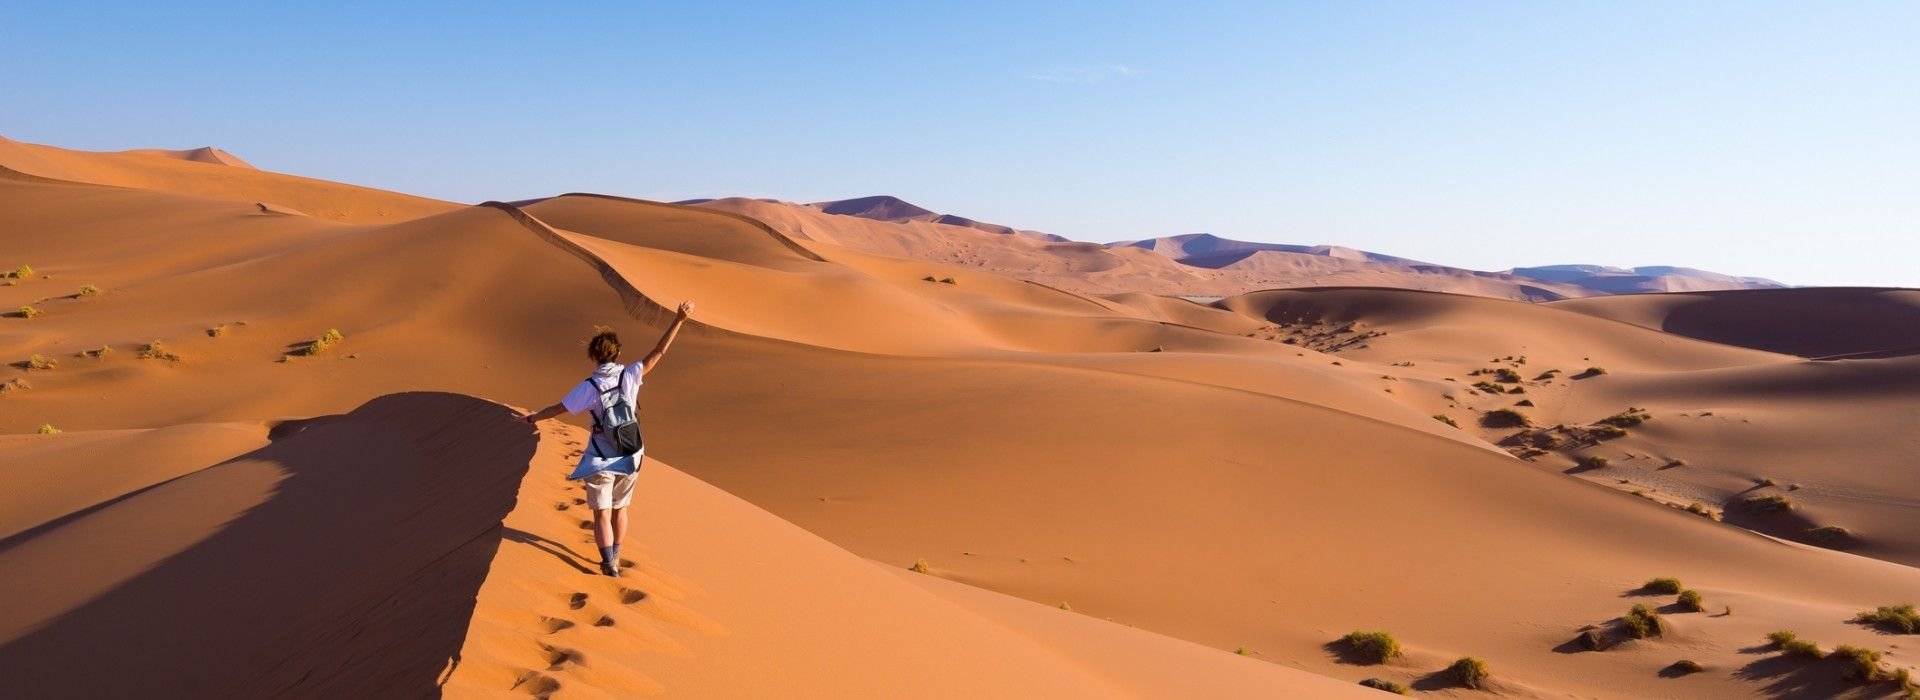 Self-drive or vehicle rental Tours in Namib Desert